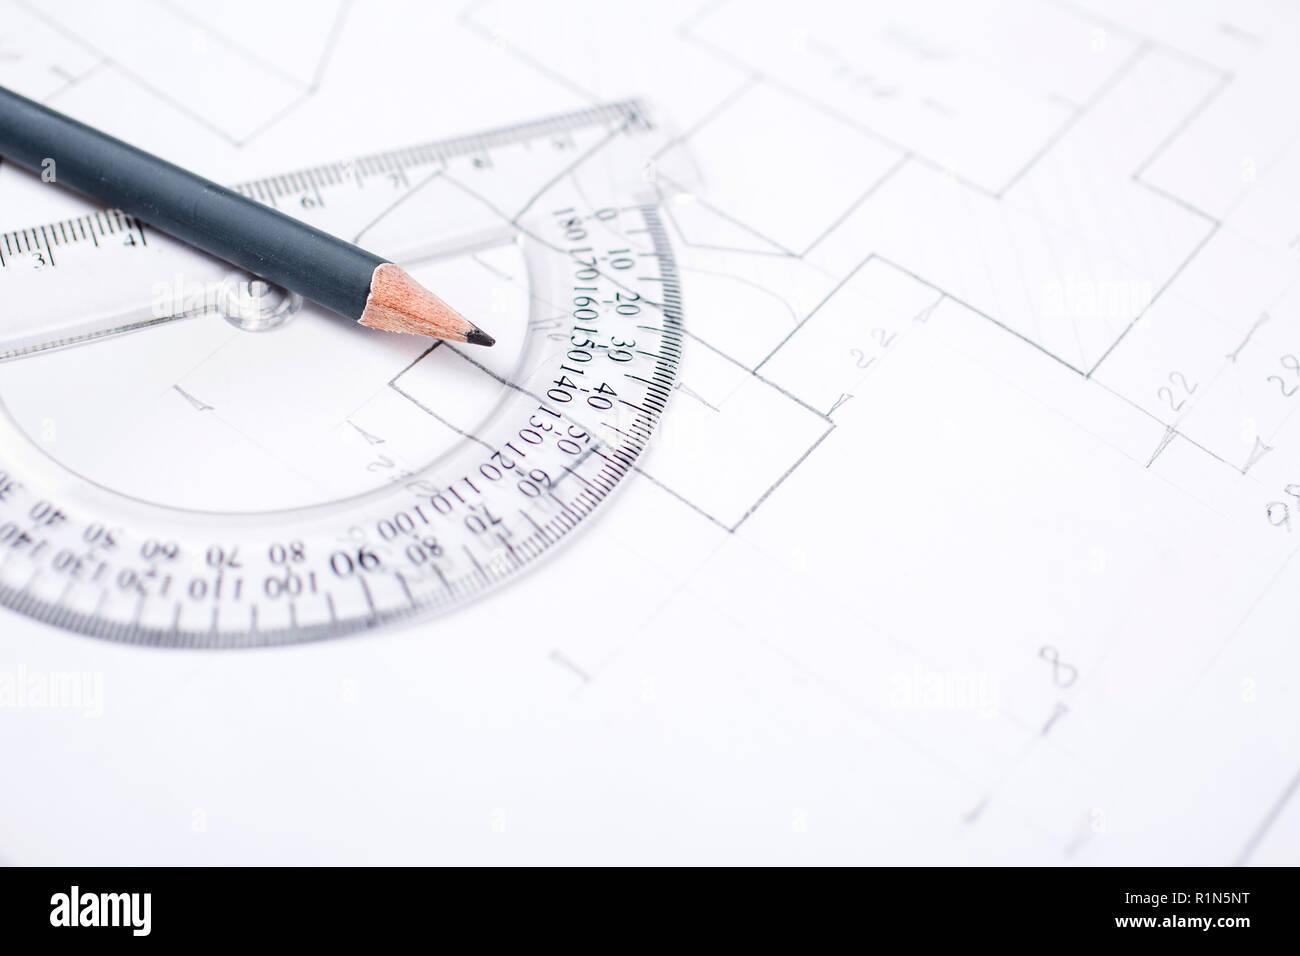 Bleistift auf eine transparente Winkelmesser auf den Tisch in der Verfasserin der Stellungnahme Stockbild